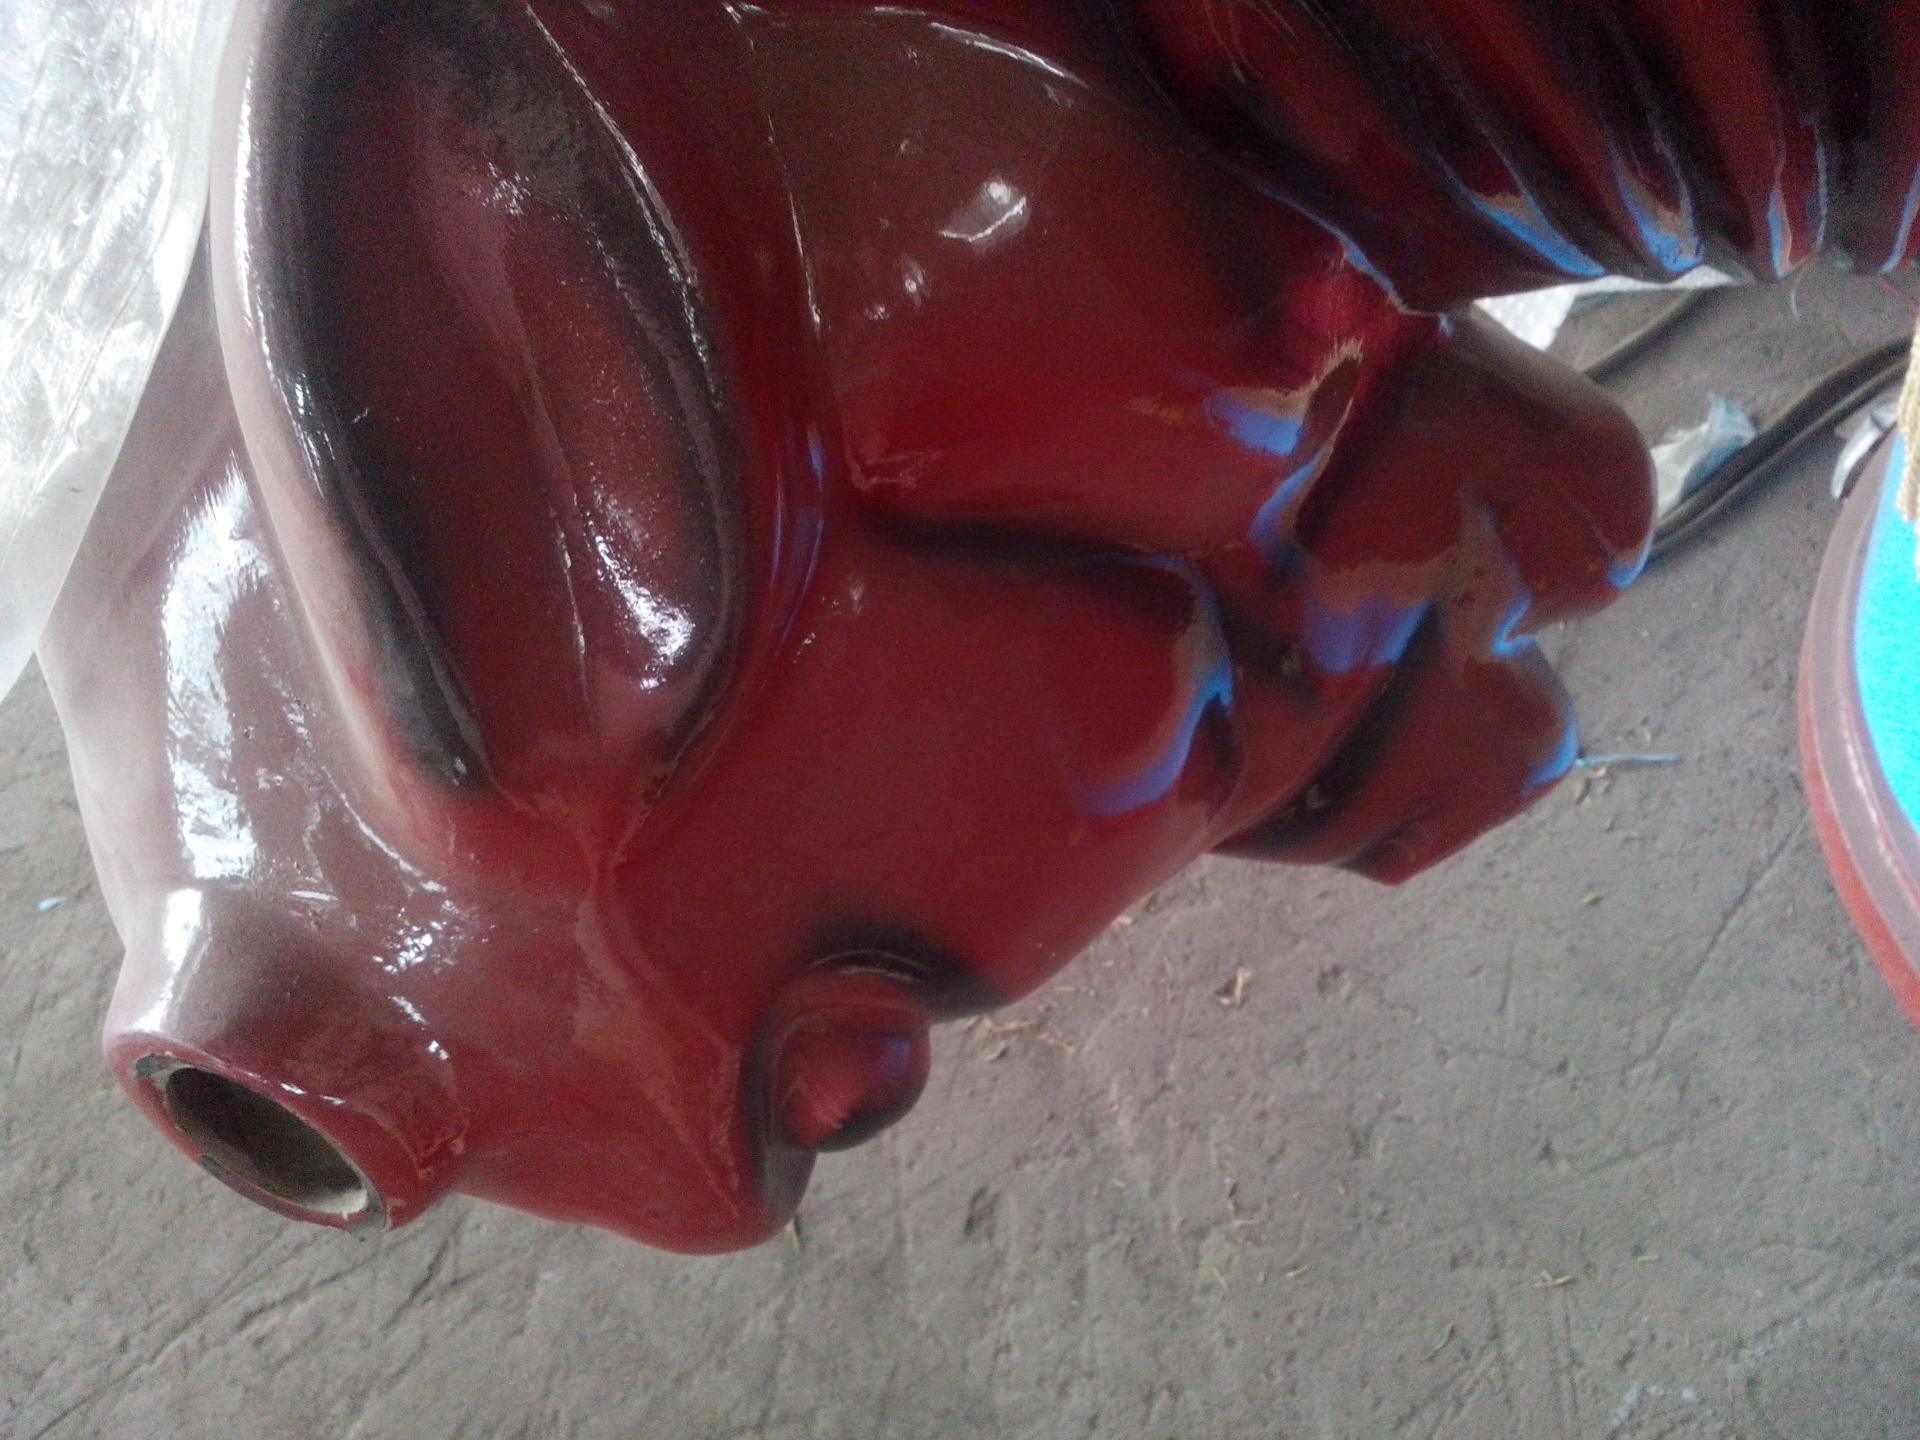 2020广场火爆人气游乐项目都市斗牛机_儿童游乐设备斗牛机大洋供应商游艺设施厂家示例图13